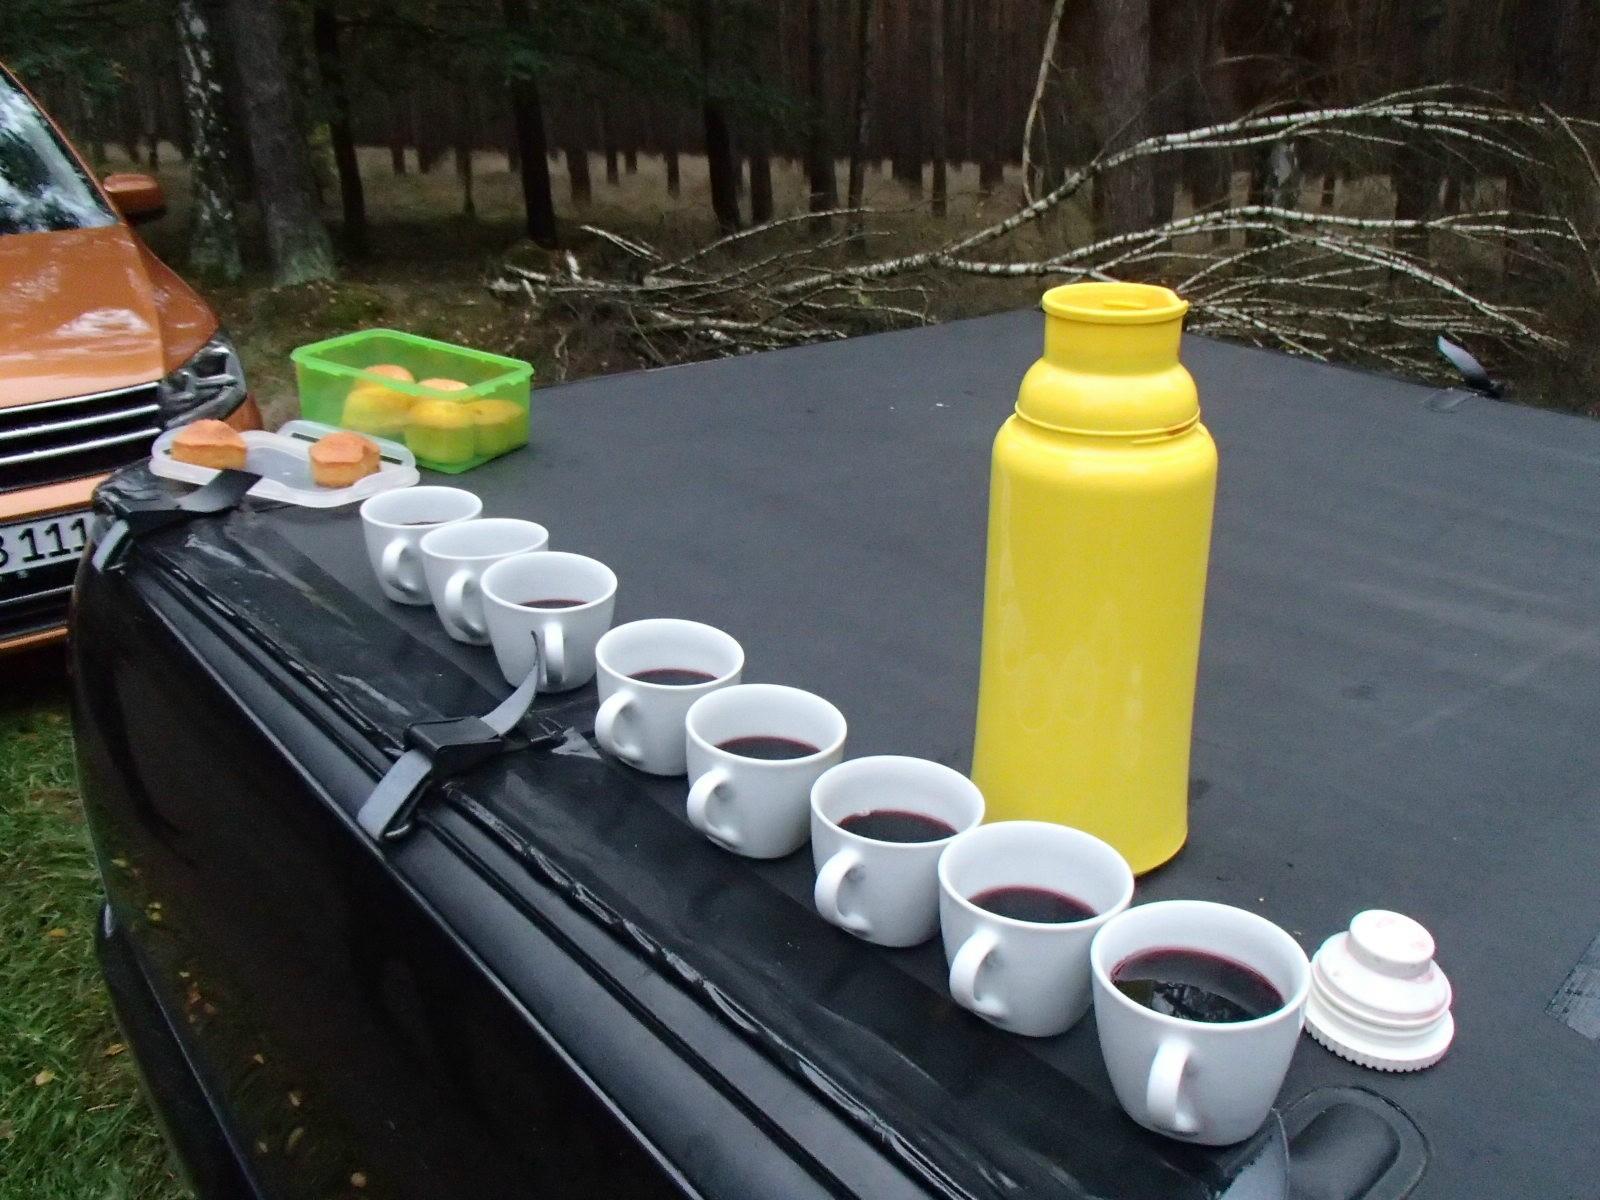 Der Tag beginnt mit einer Weinverkostung, brüderlich durch 8 geteilt.